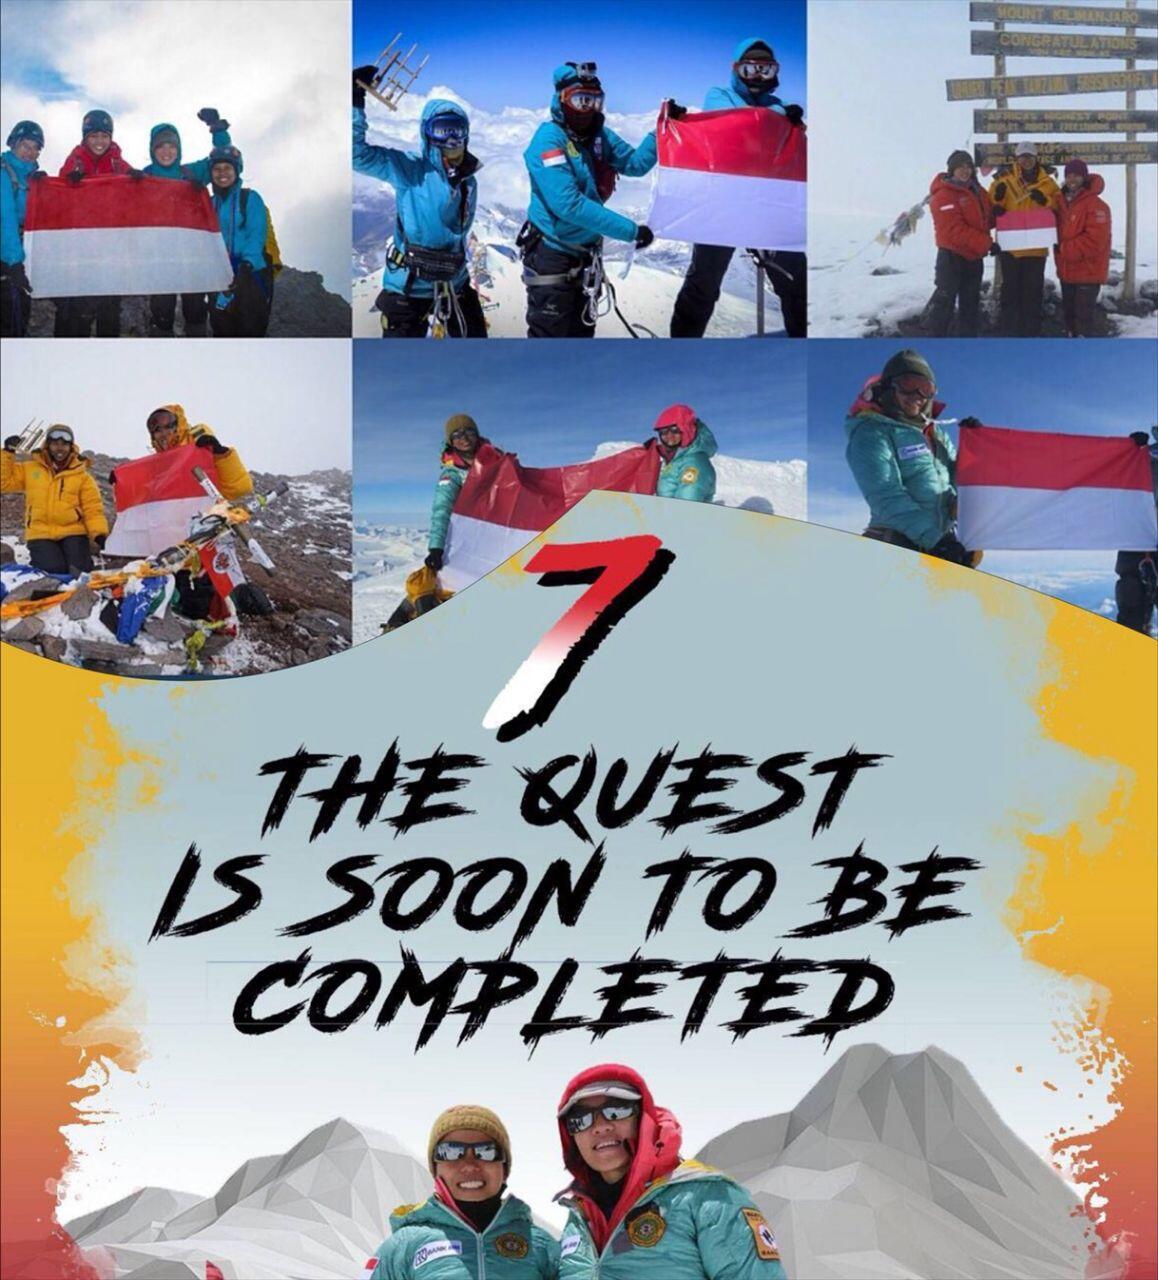 Membanggakan! Dua Mahasiswi Tangguh Ini Berhasil Capai Puncak Everest